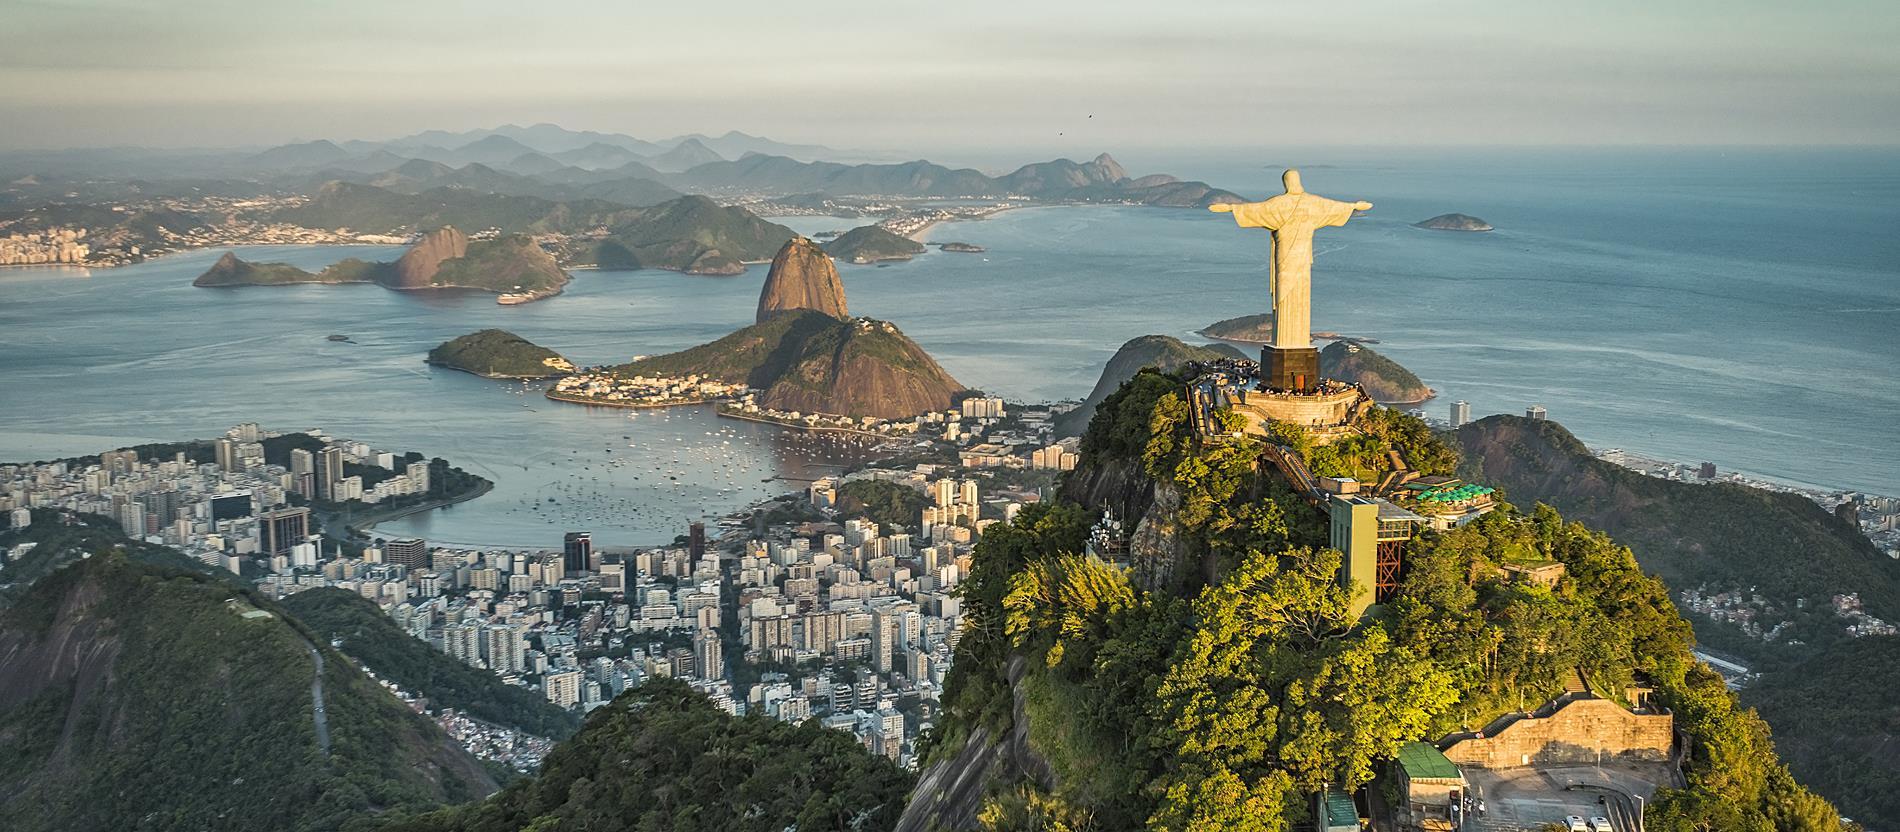 A világ legismertebb Krisztus-szobra a brazíliai Rio de Janeiróban áll, melyet 1931-ben, Brazília függetlenségének 100. évfordulóján adtak át.